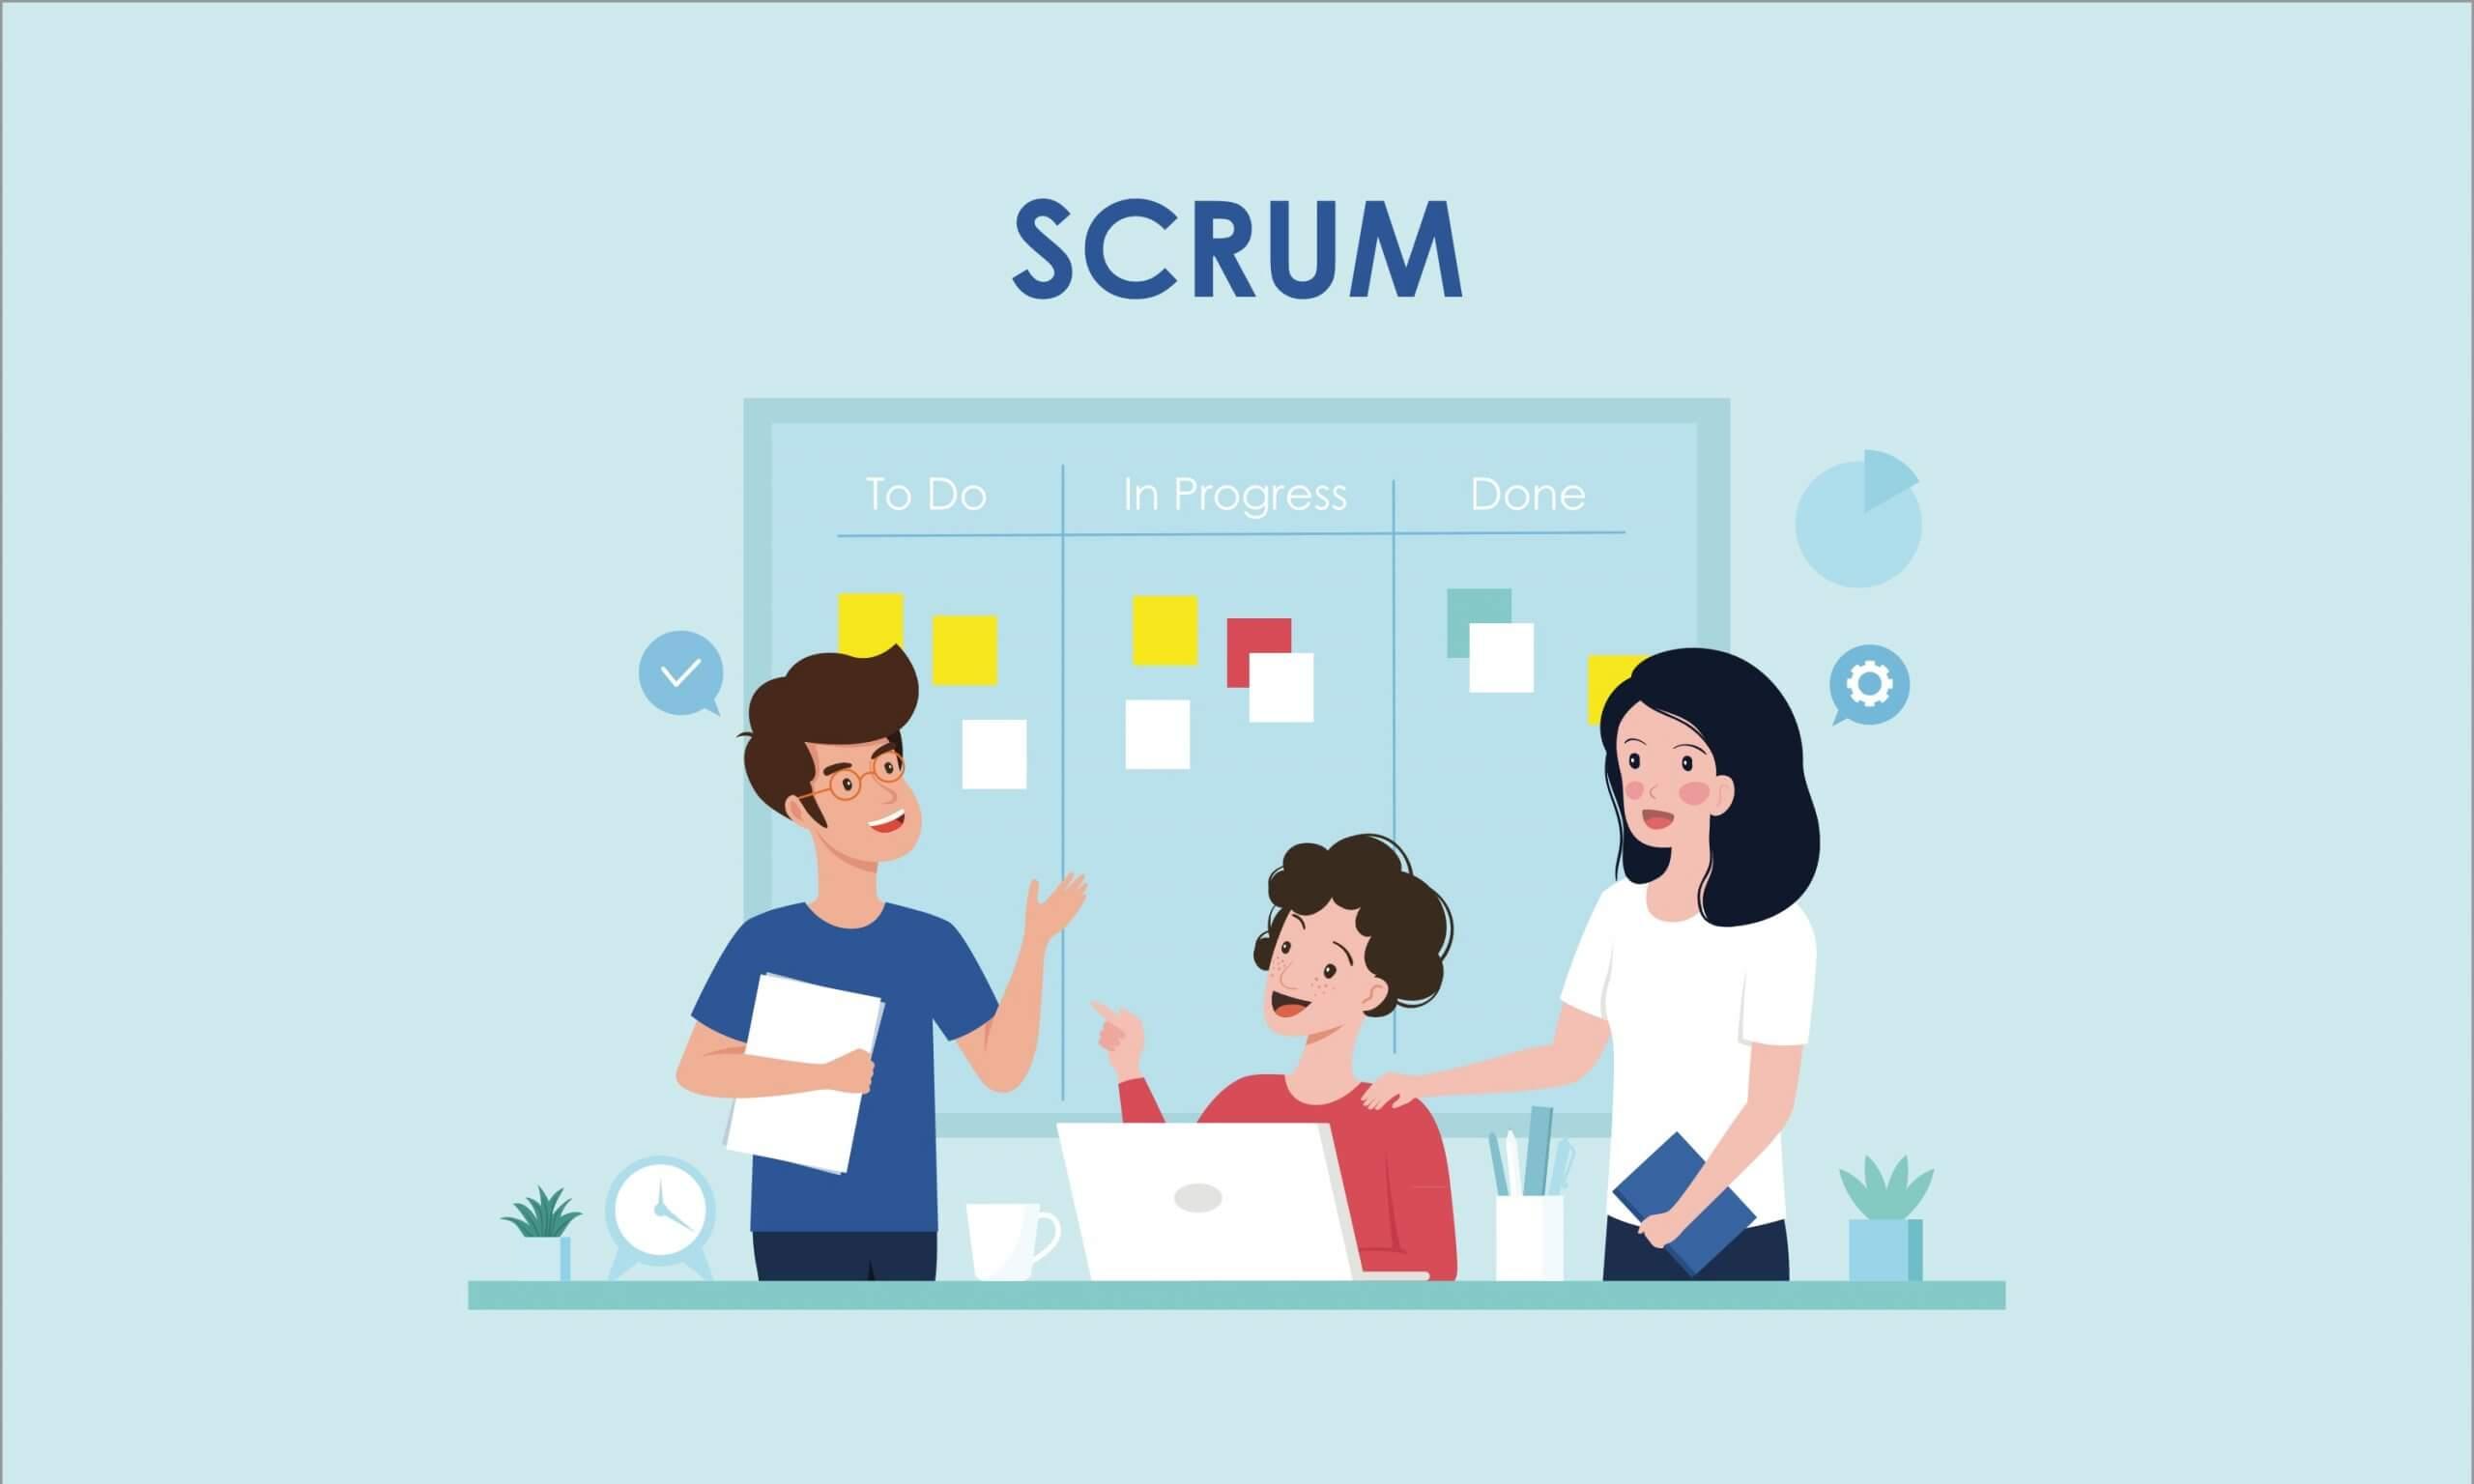 Three Scrum Roles